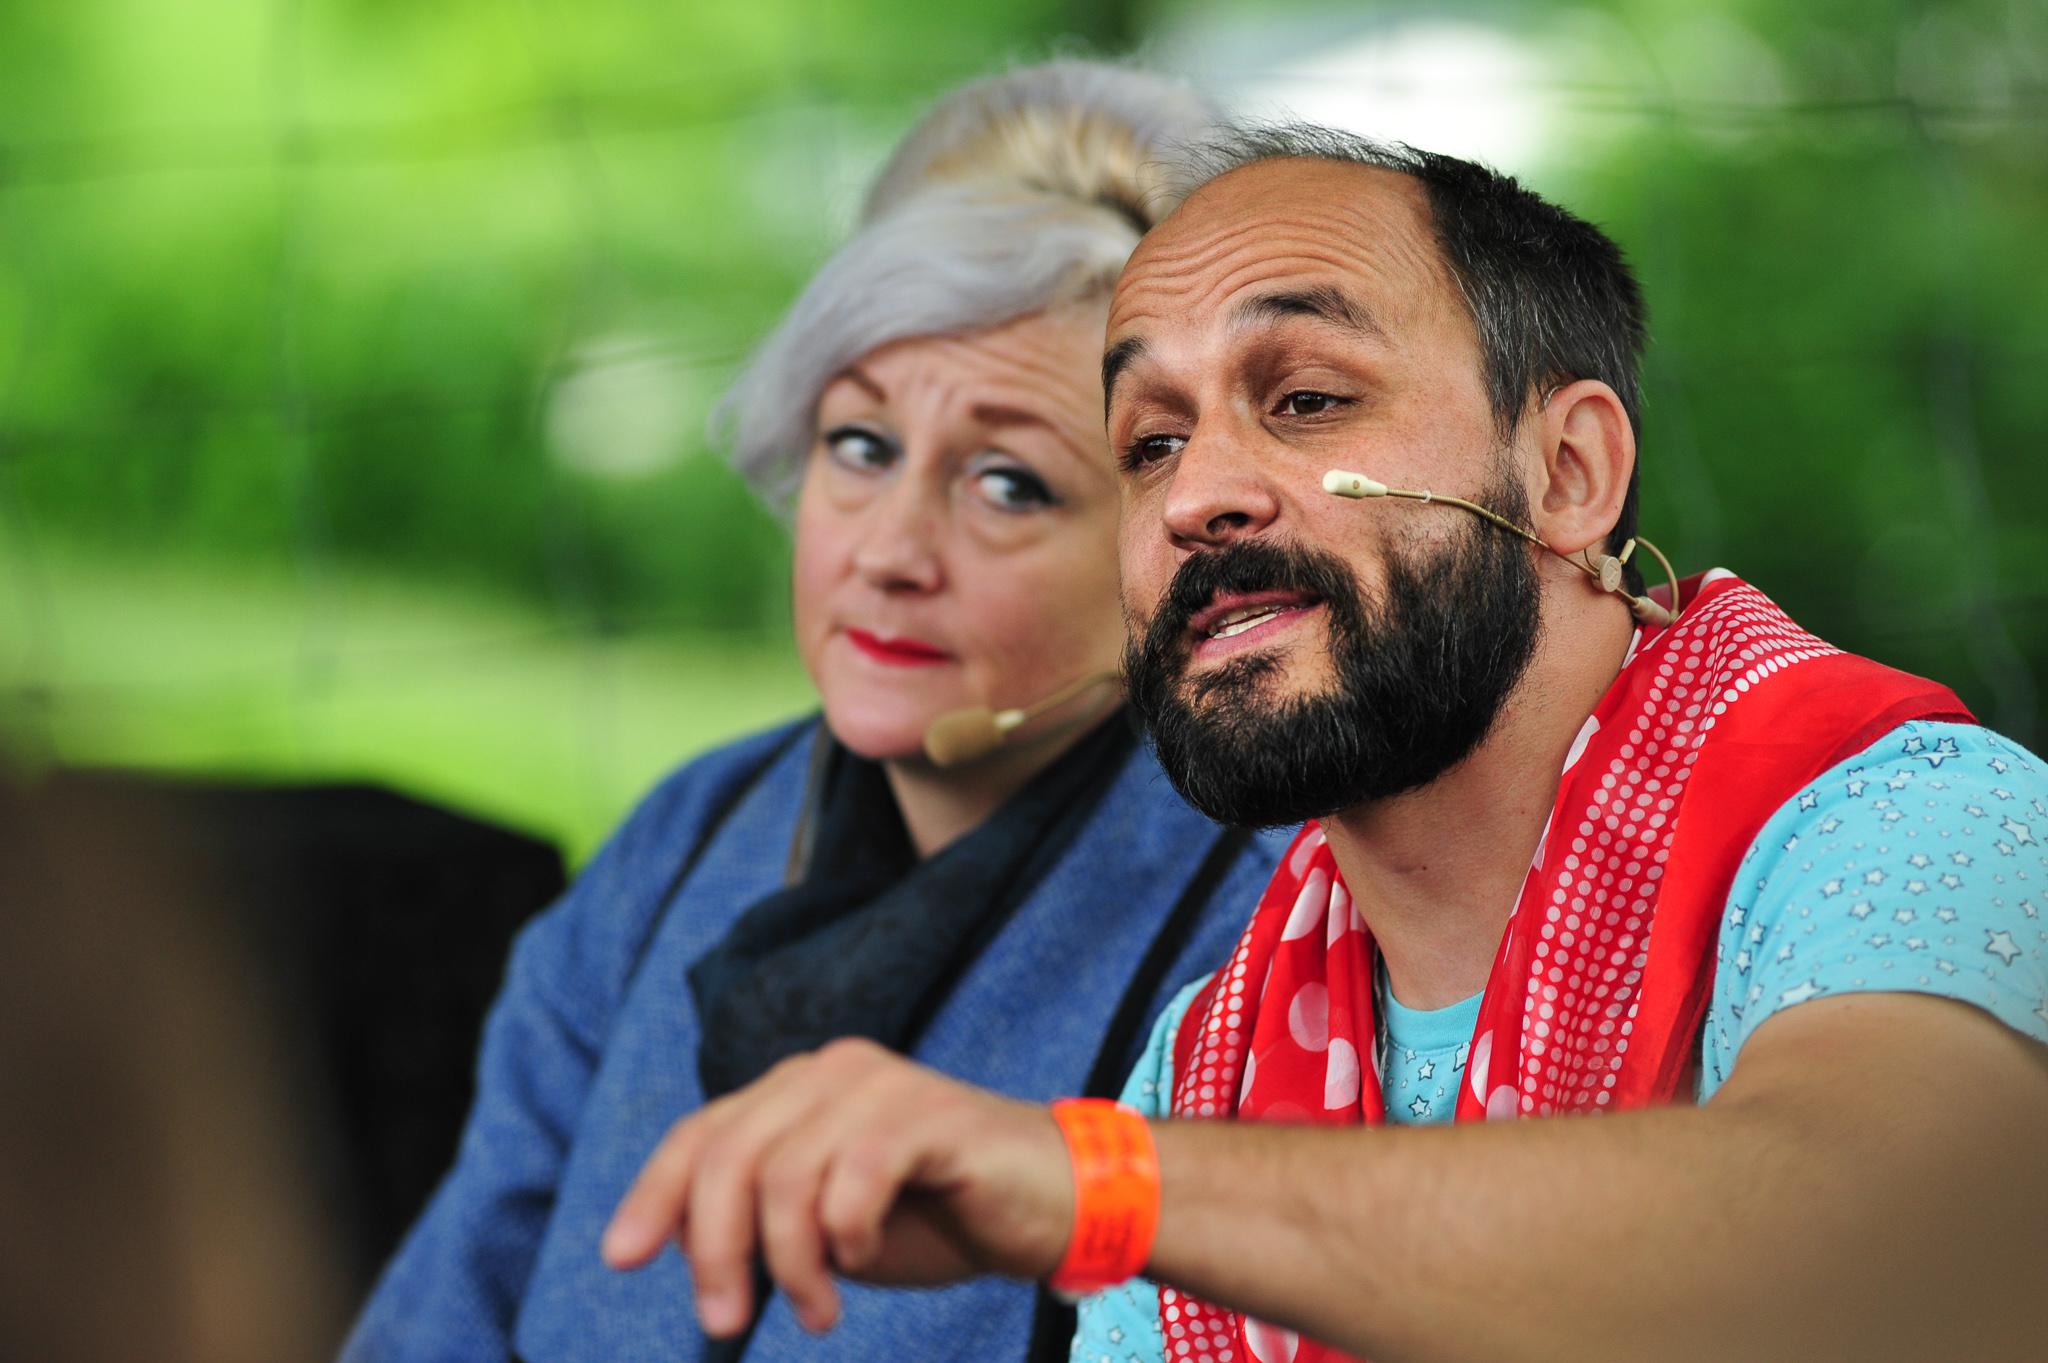 Klapperlapapp: Minitheater Hanniball mit Andrea Fischer Schulthe